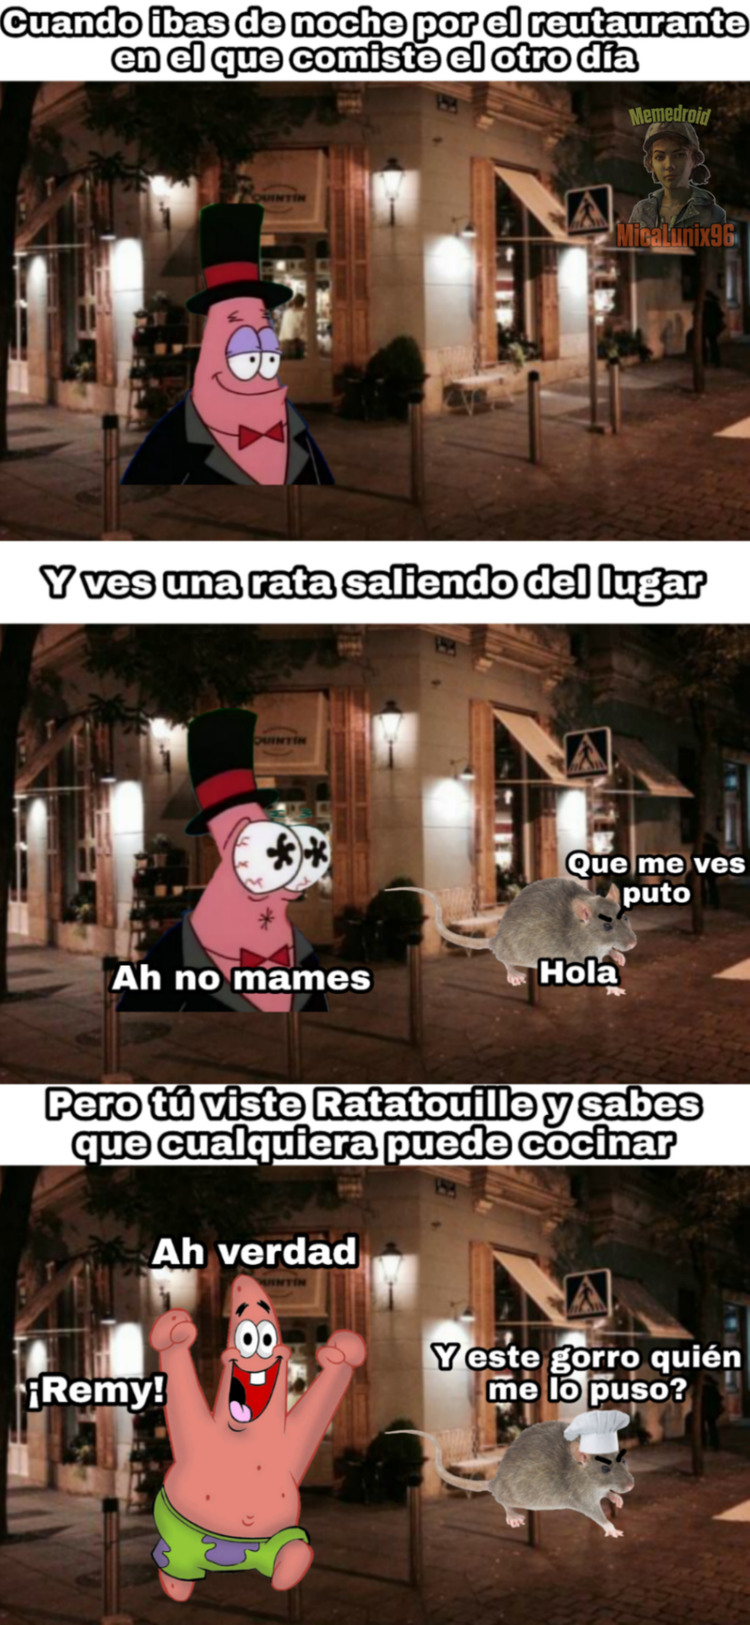 Top Memes De Ratatouille En Espanol Memedroid